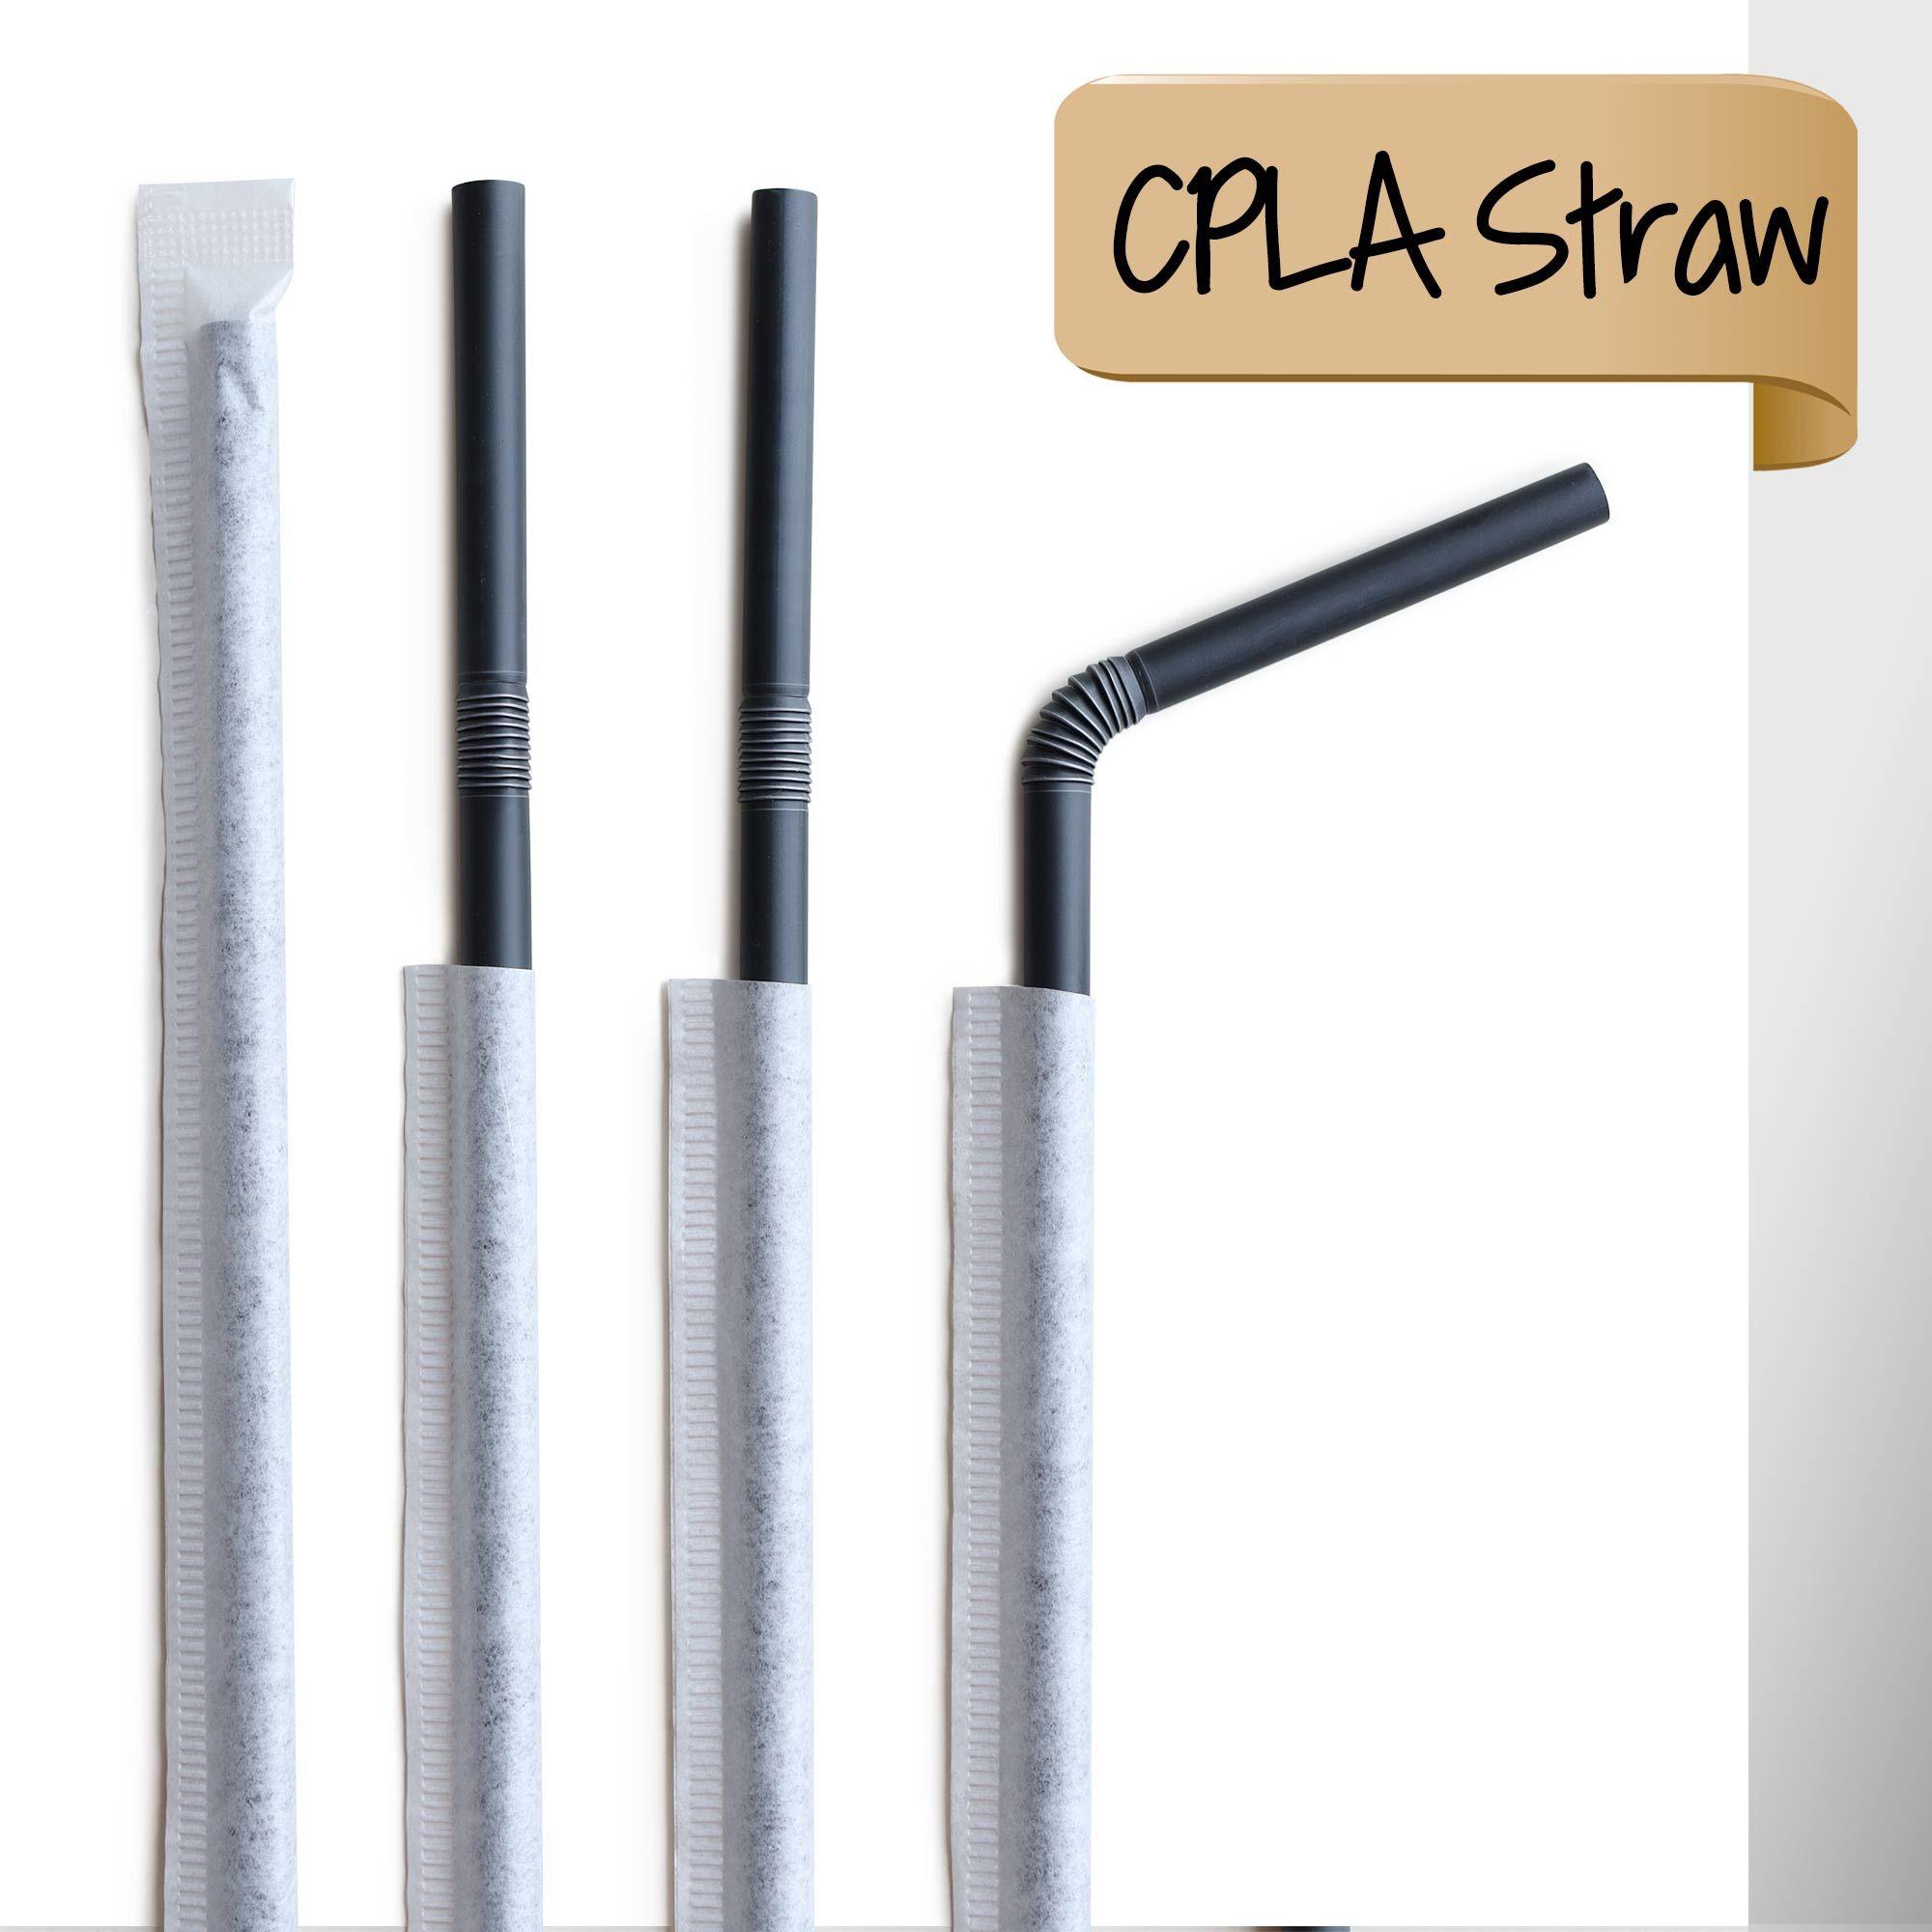 CPLA Straw - CPLA Biodegradable Straw